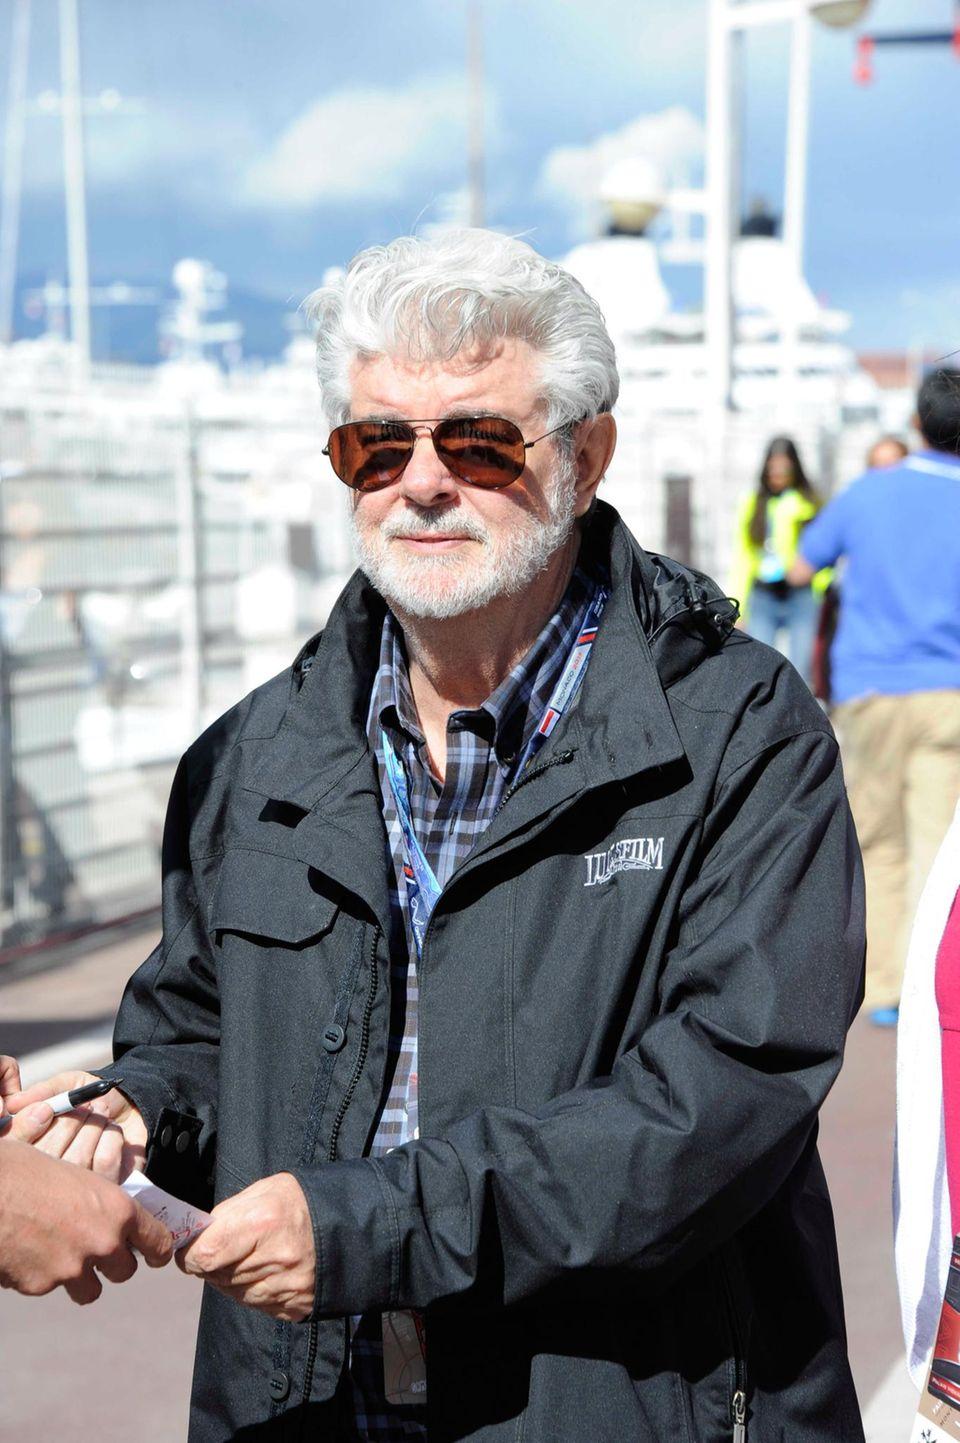 George Lucas verteilt auf dem Weg zur Strecke Autogramme.